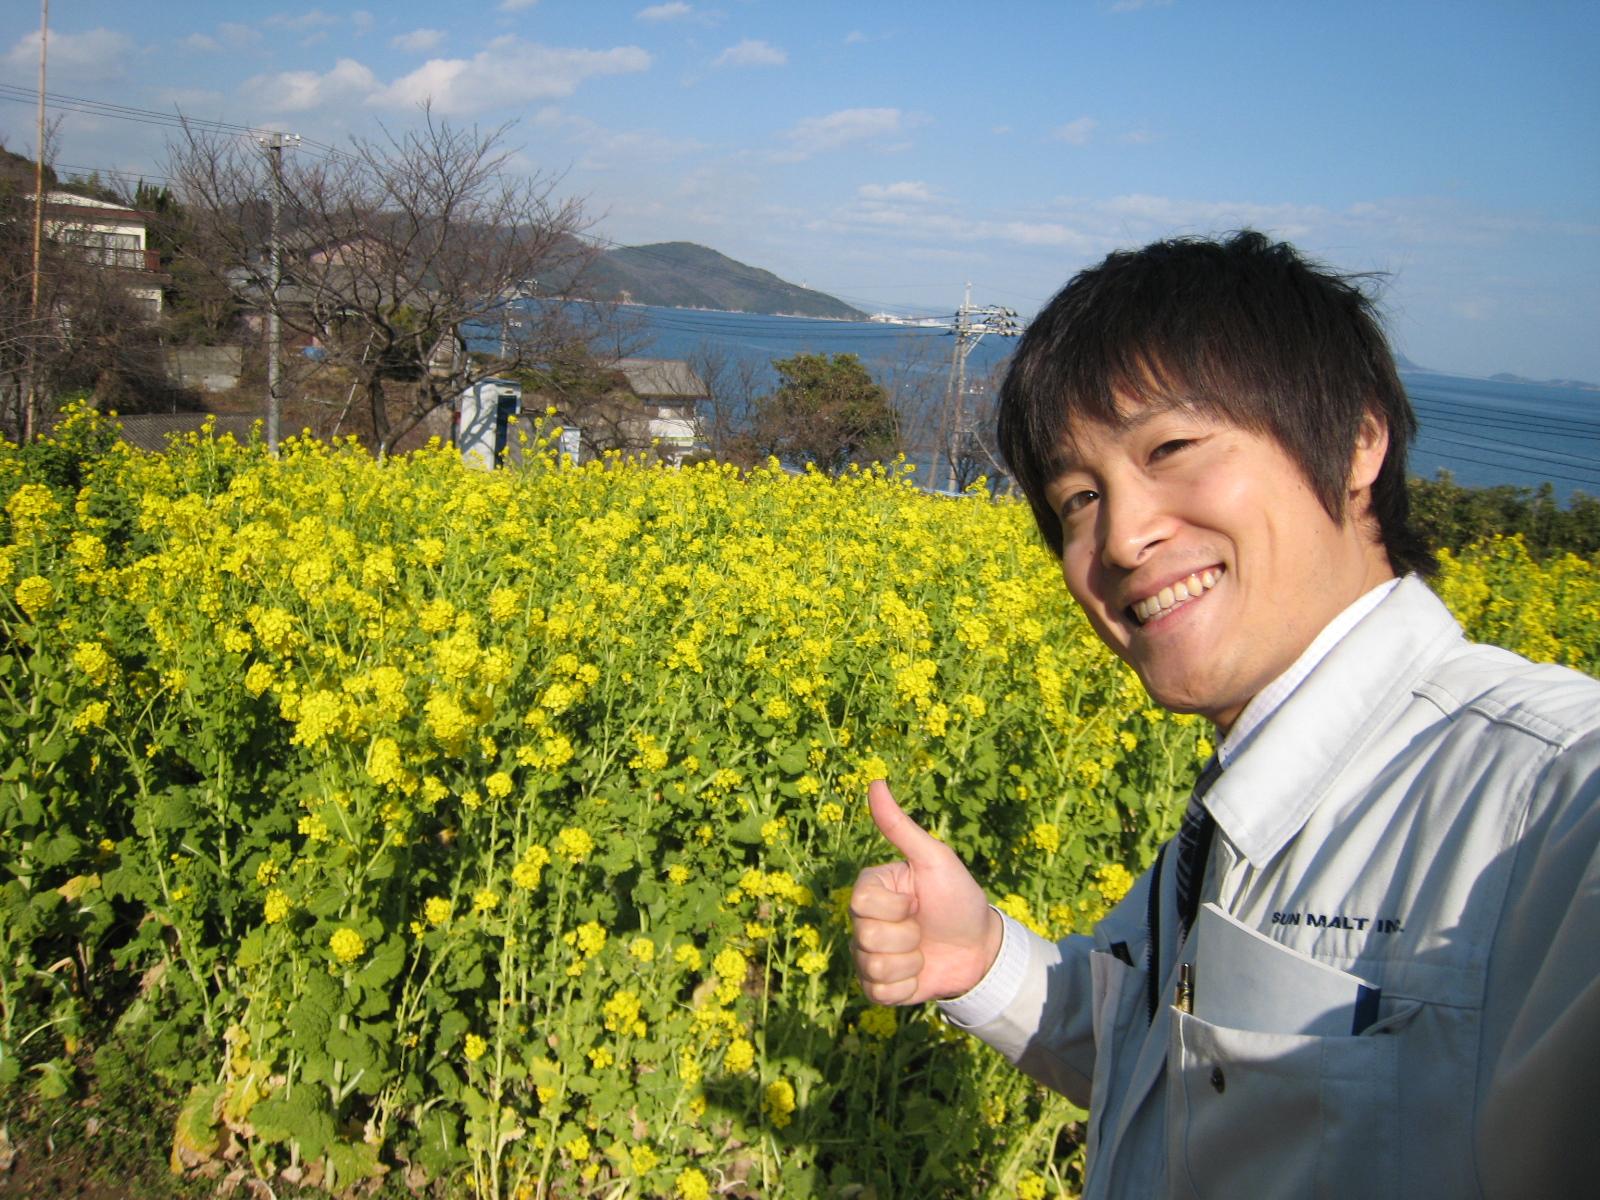 福山市田尻町で開催される菜の花まつり2014